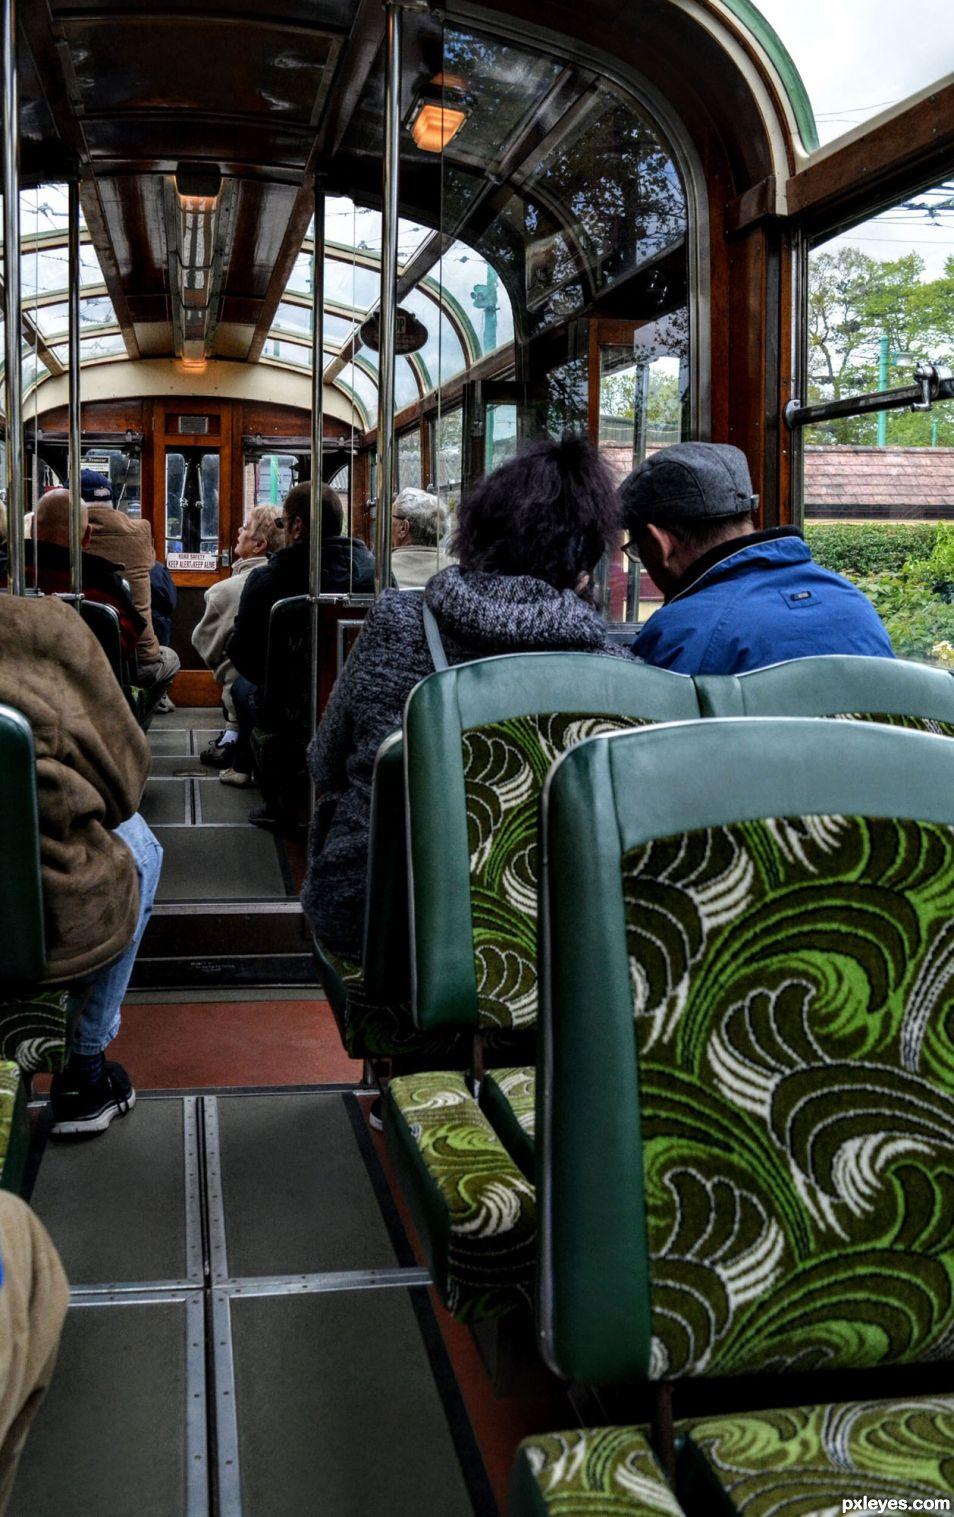 Inside a tram